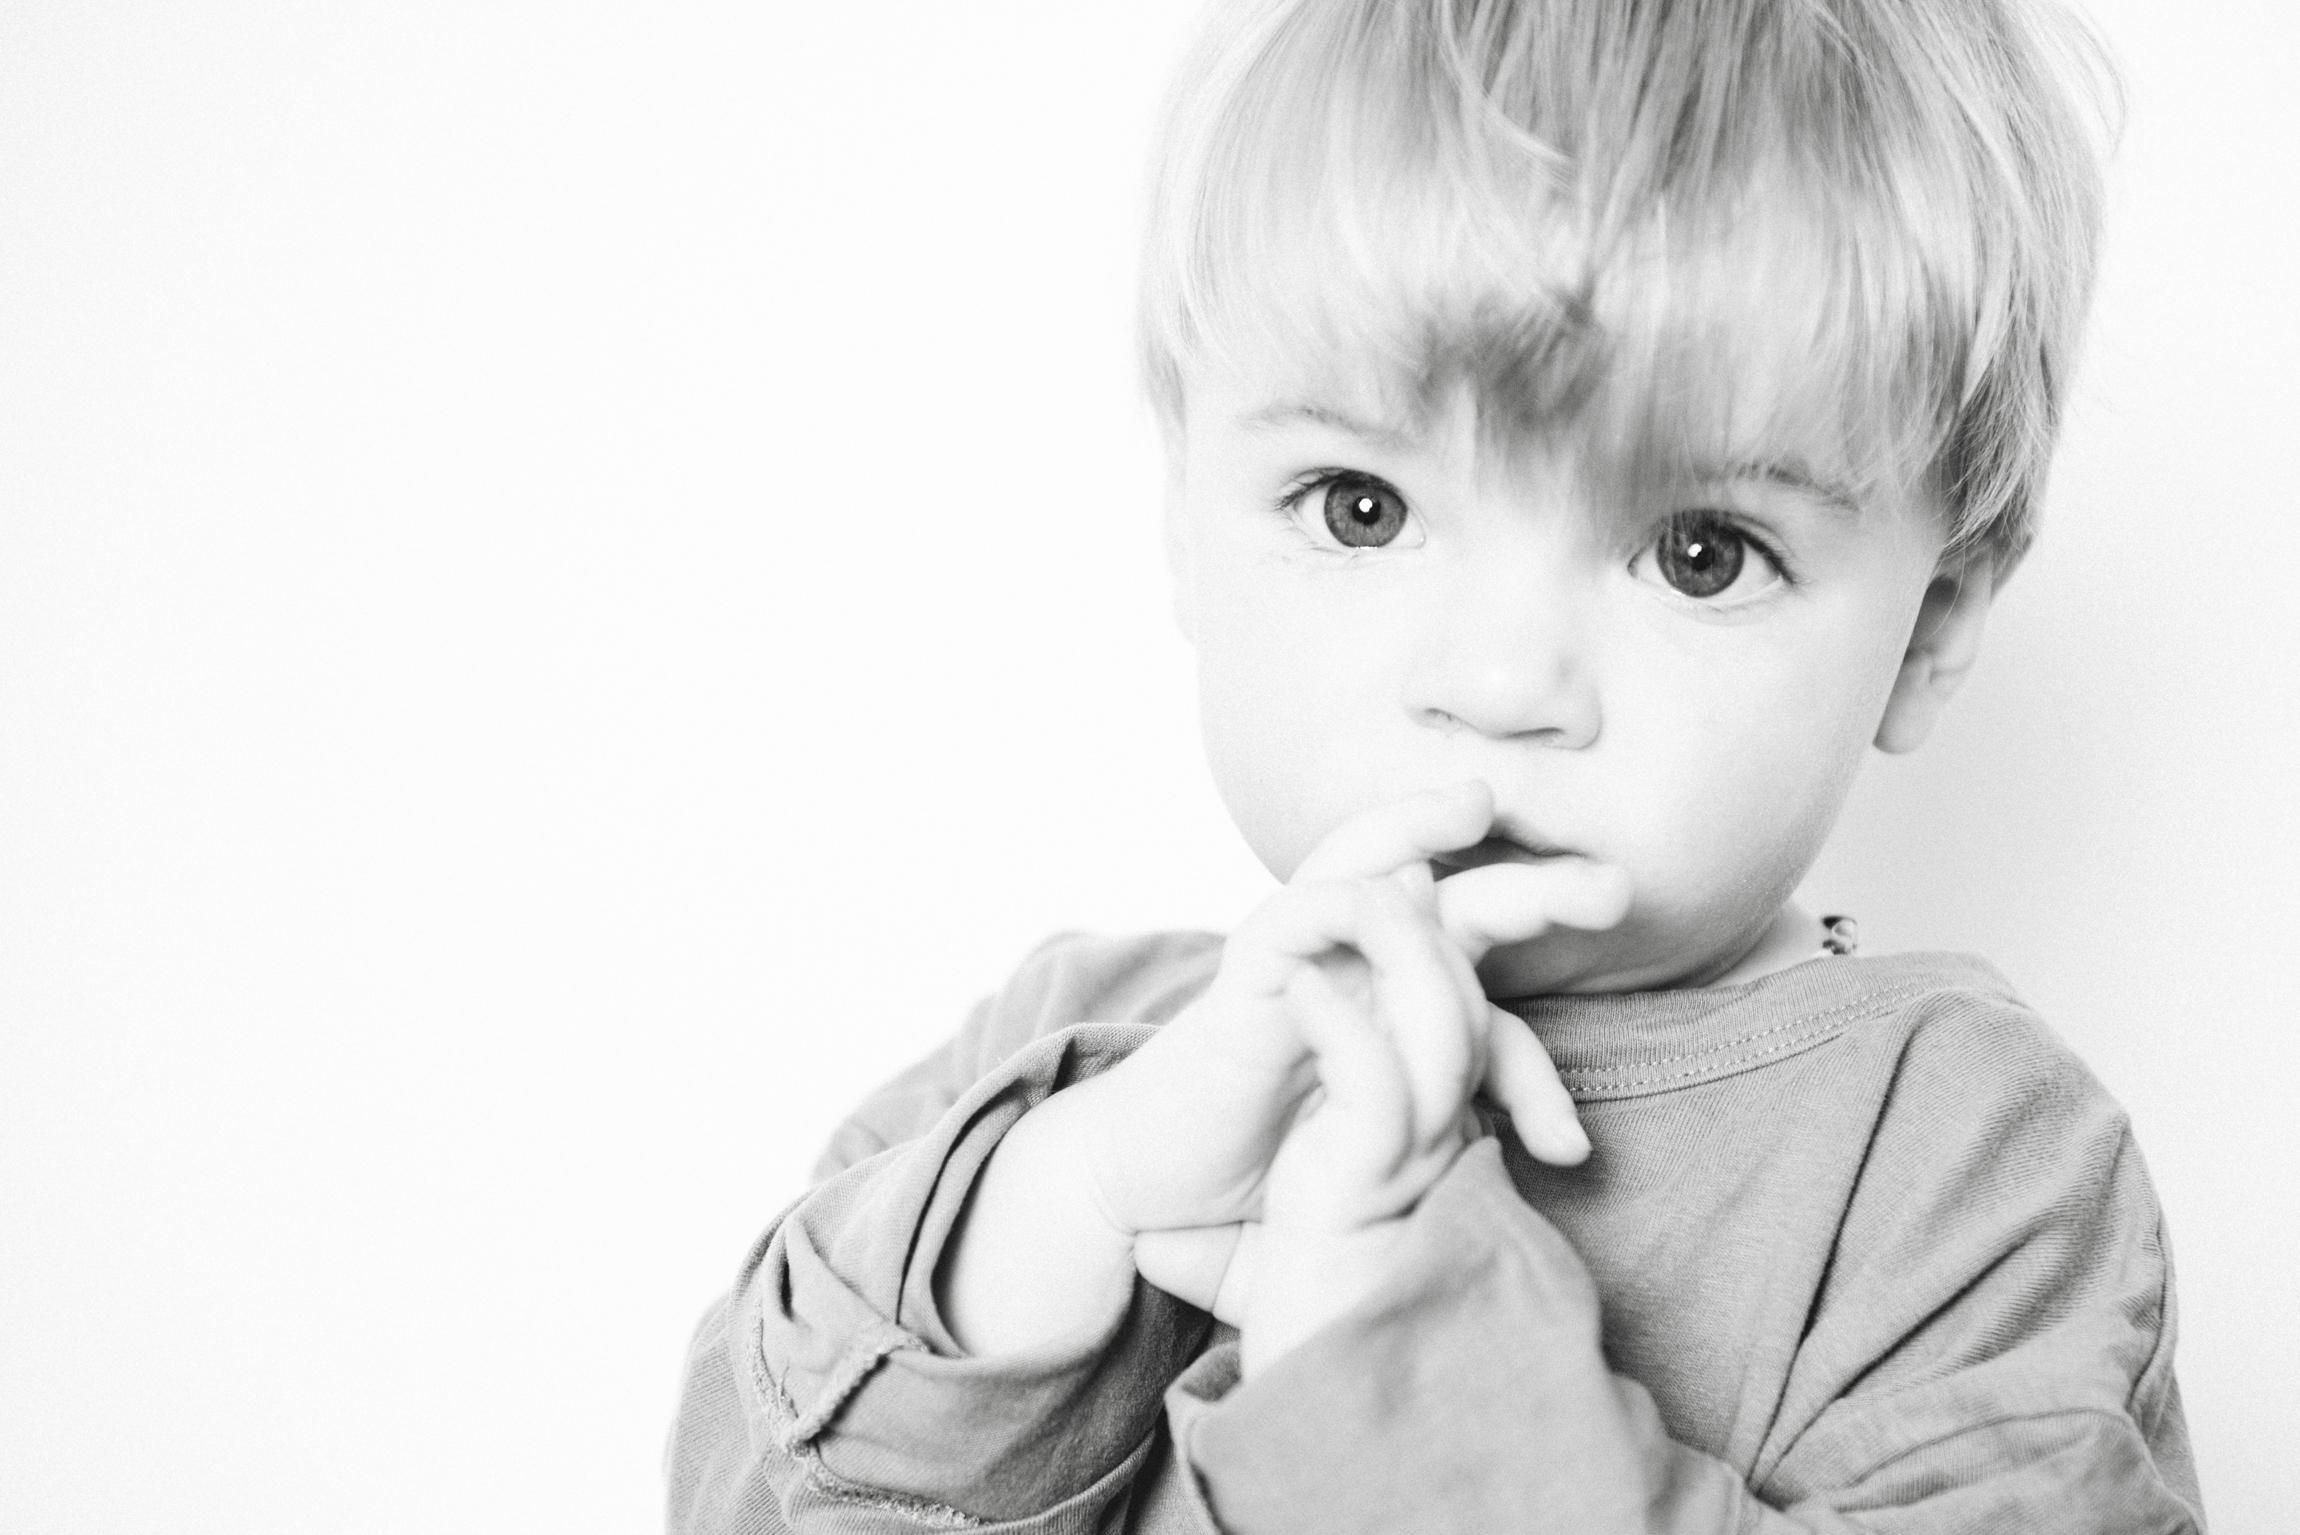 kleiner Junge schwarzweiss Fotografie